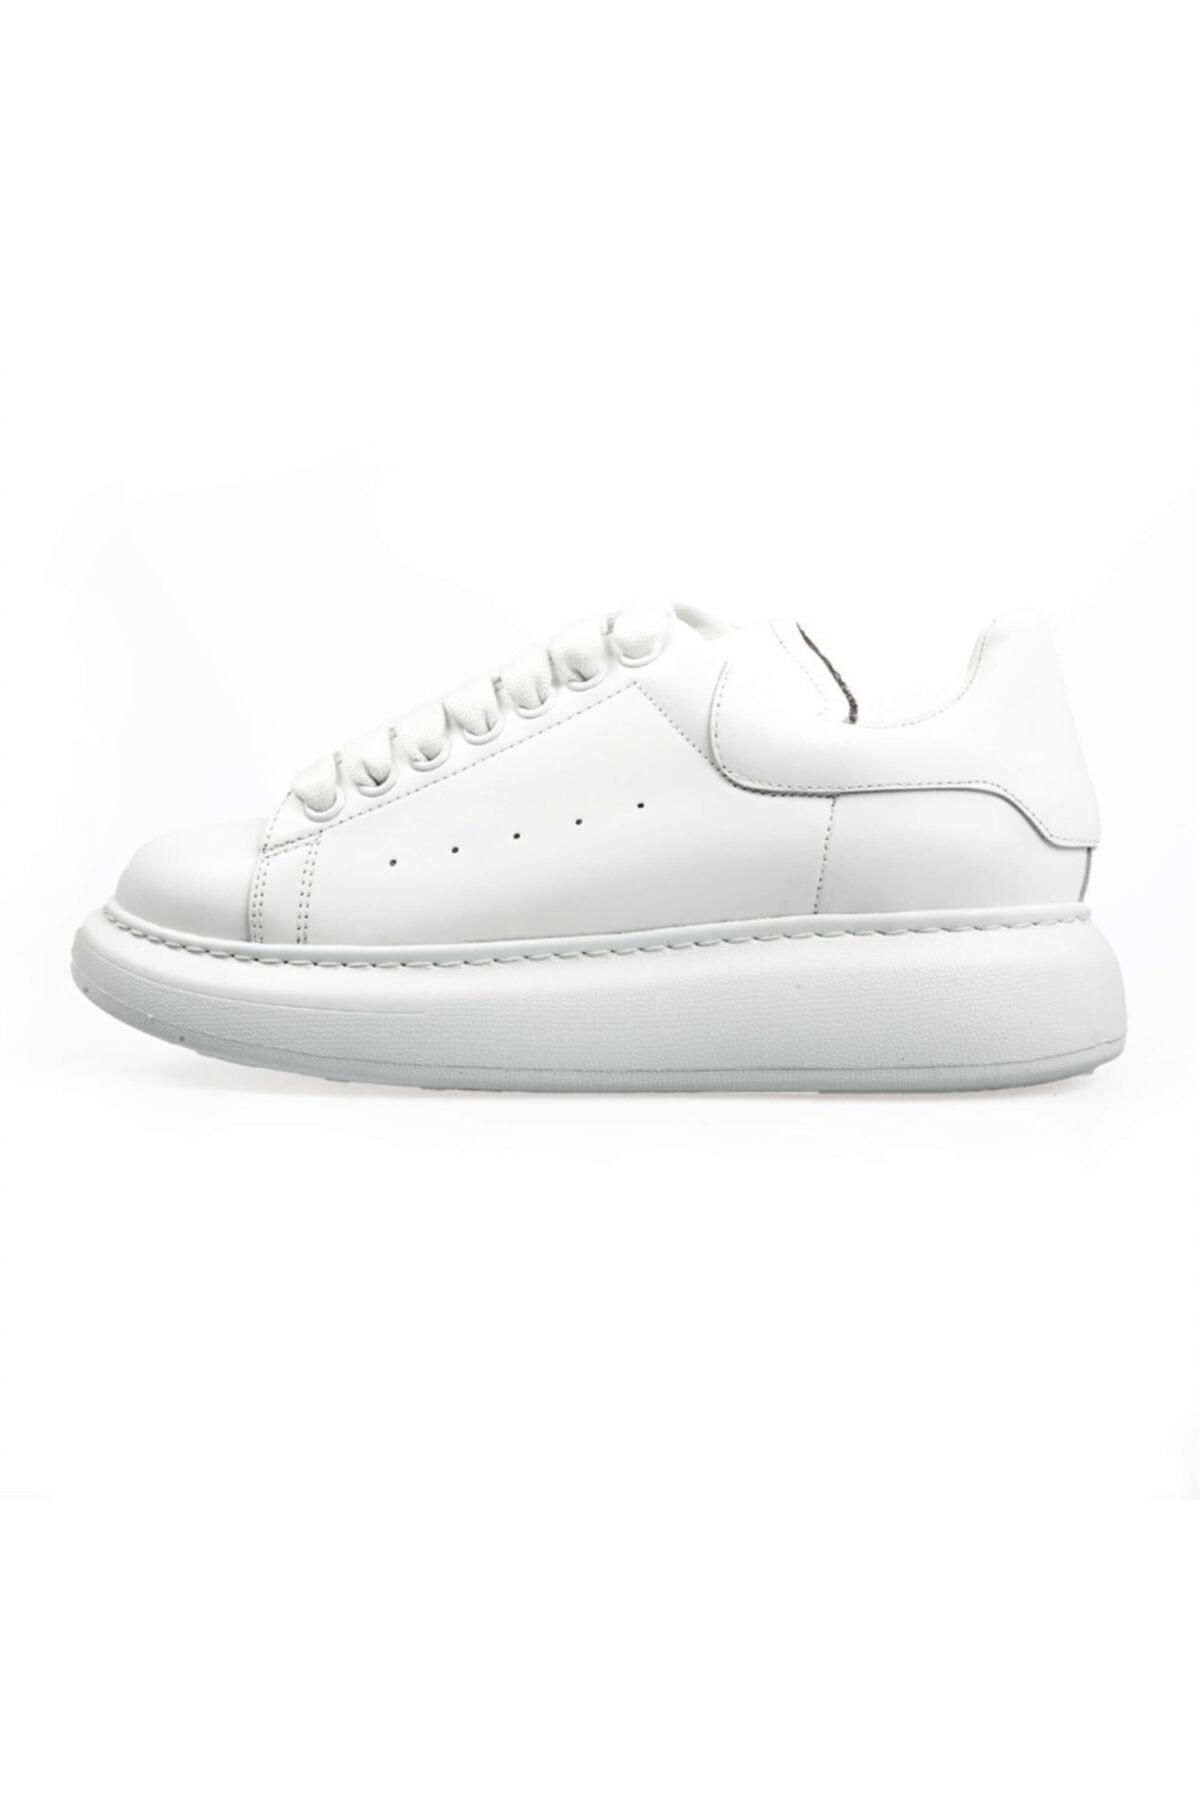 Flower Kadın Beyaz Deri Yüksek Tabanlı Spor Ayakkabı 1